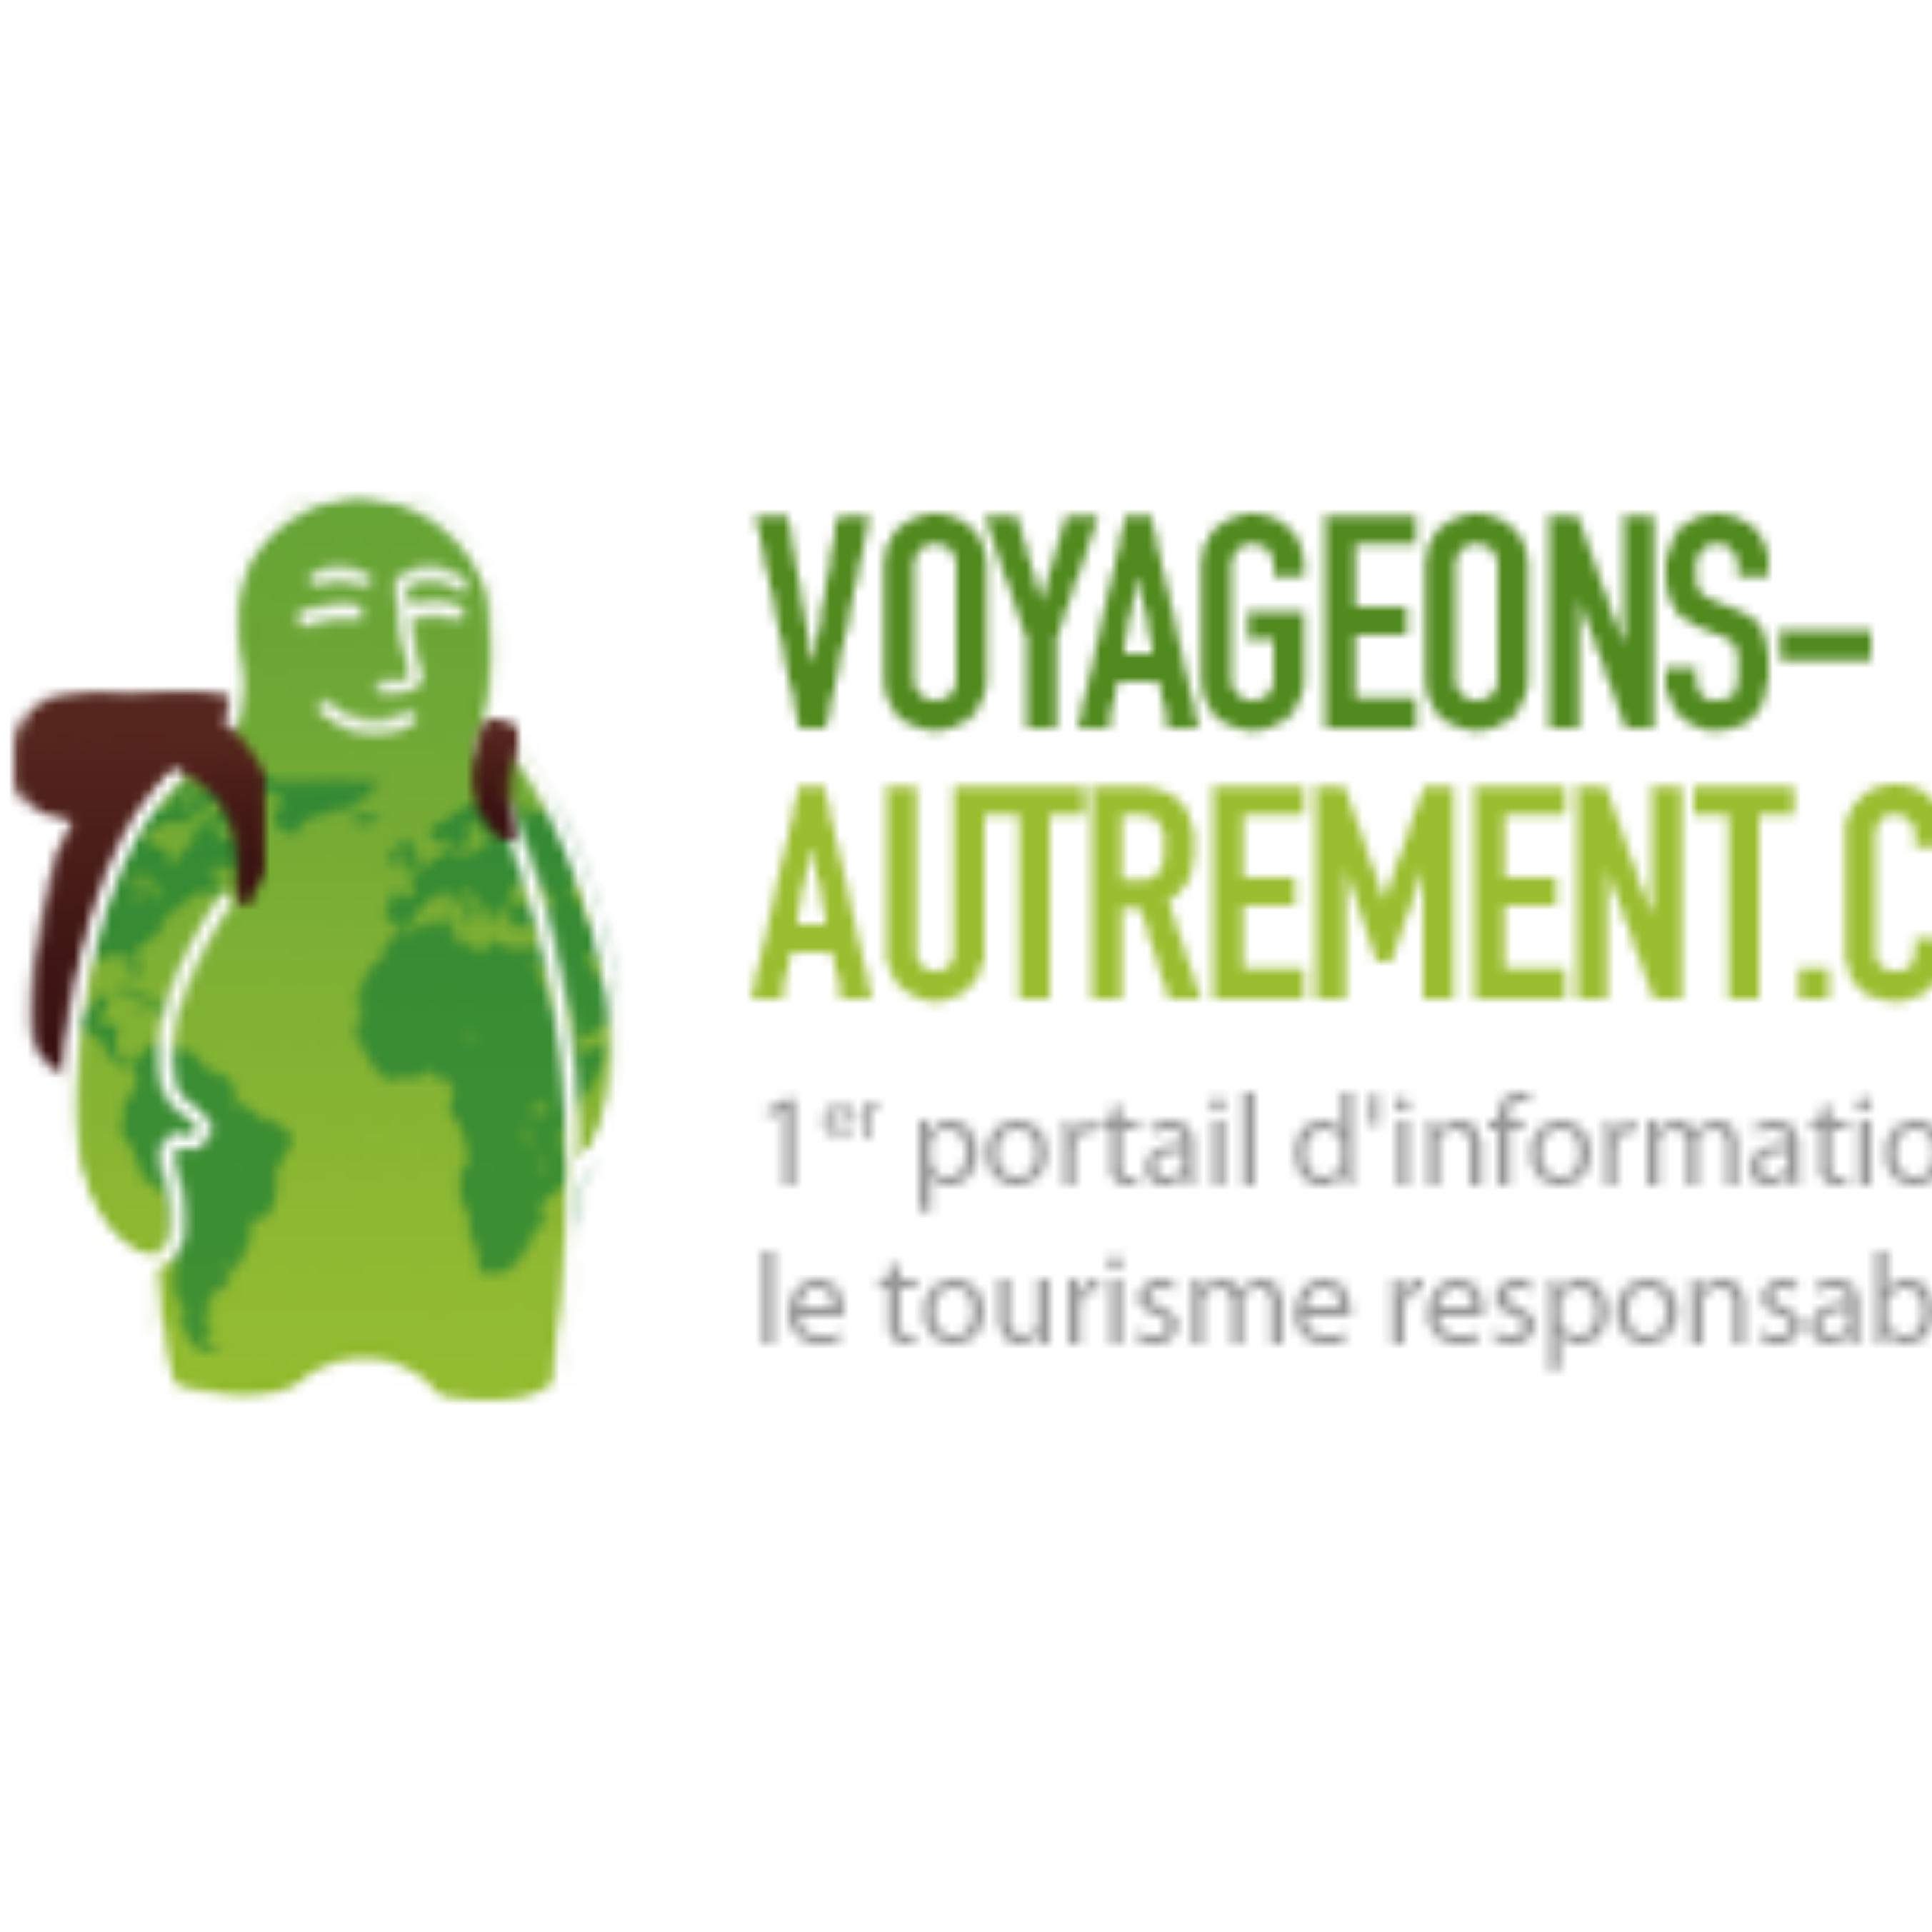 Soutenez l'indépendance de Voyageons-Autrement.com